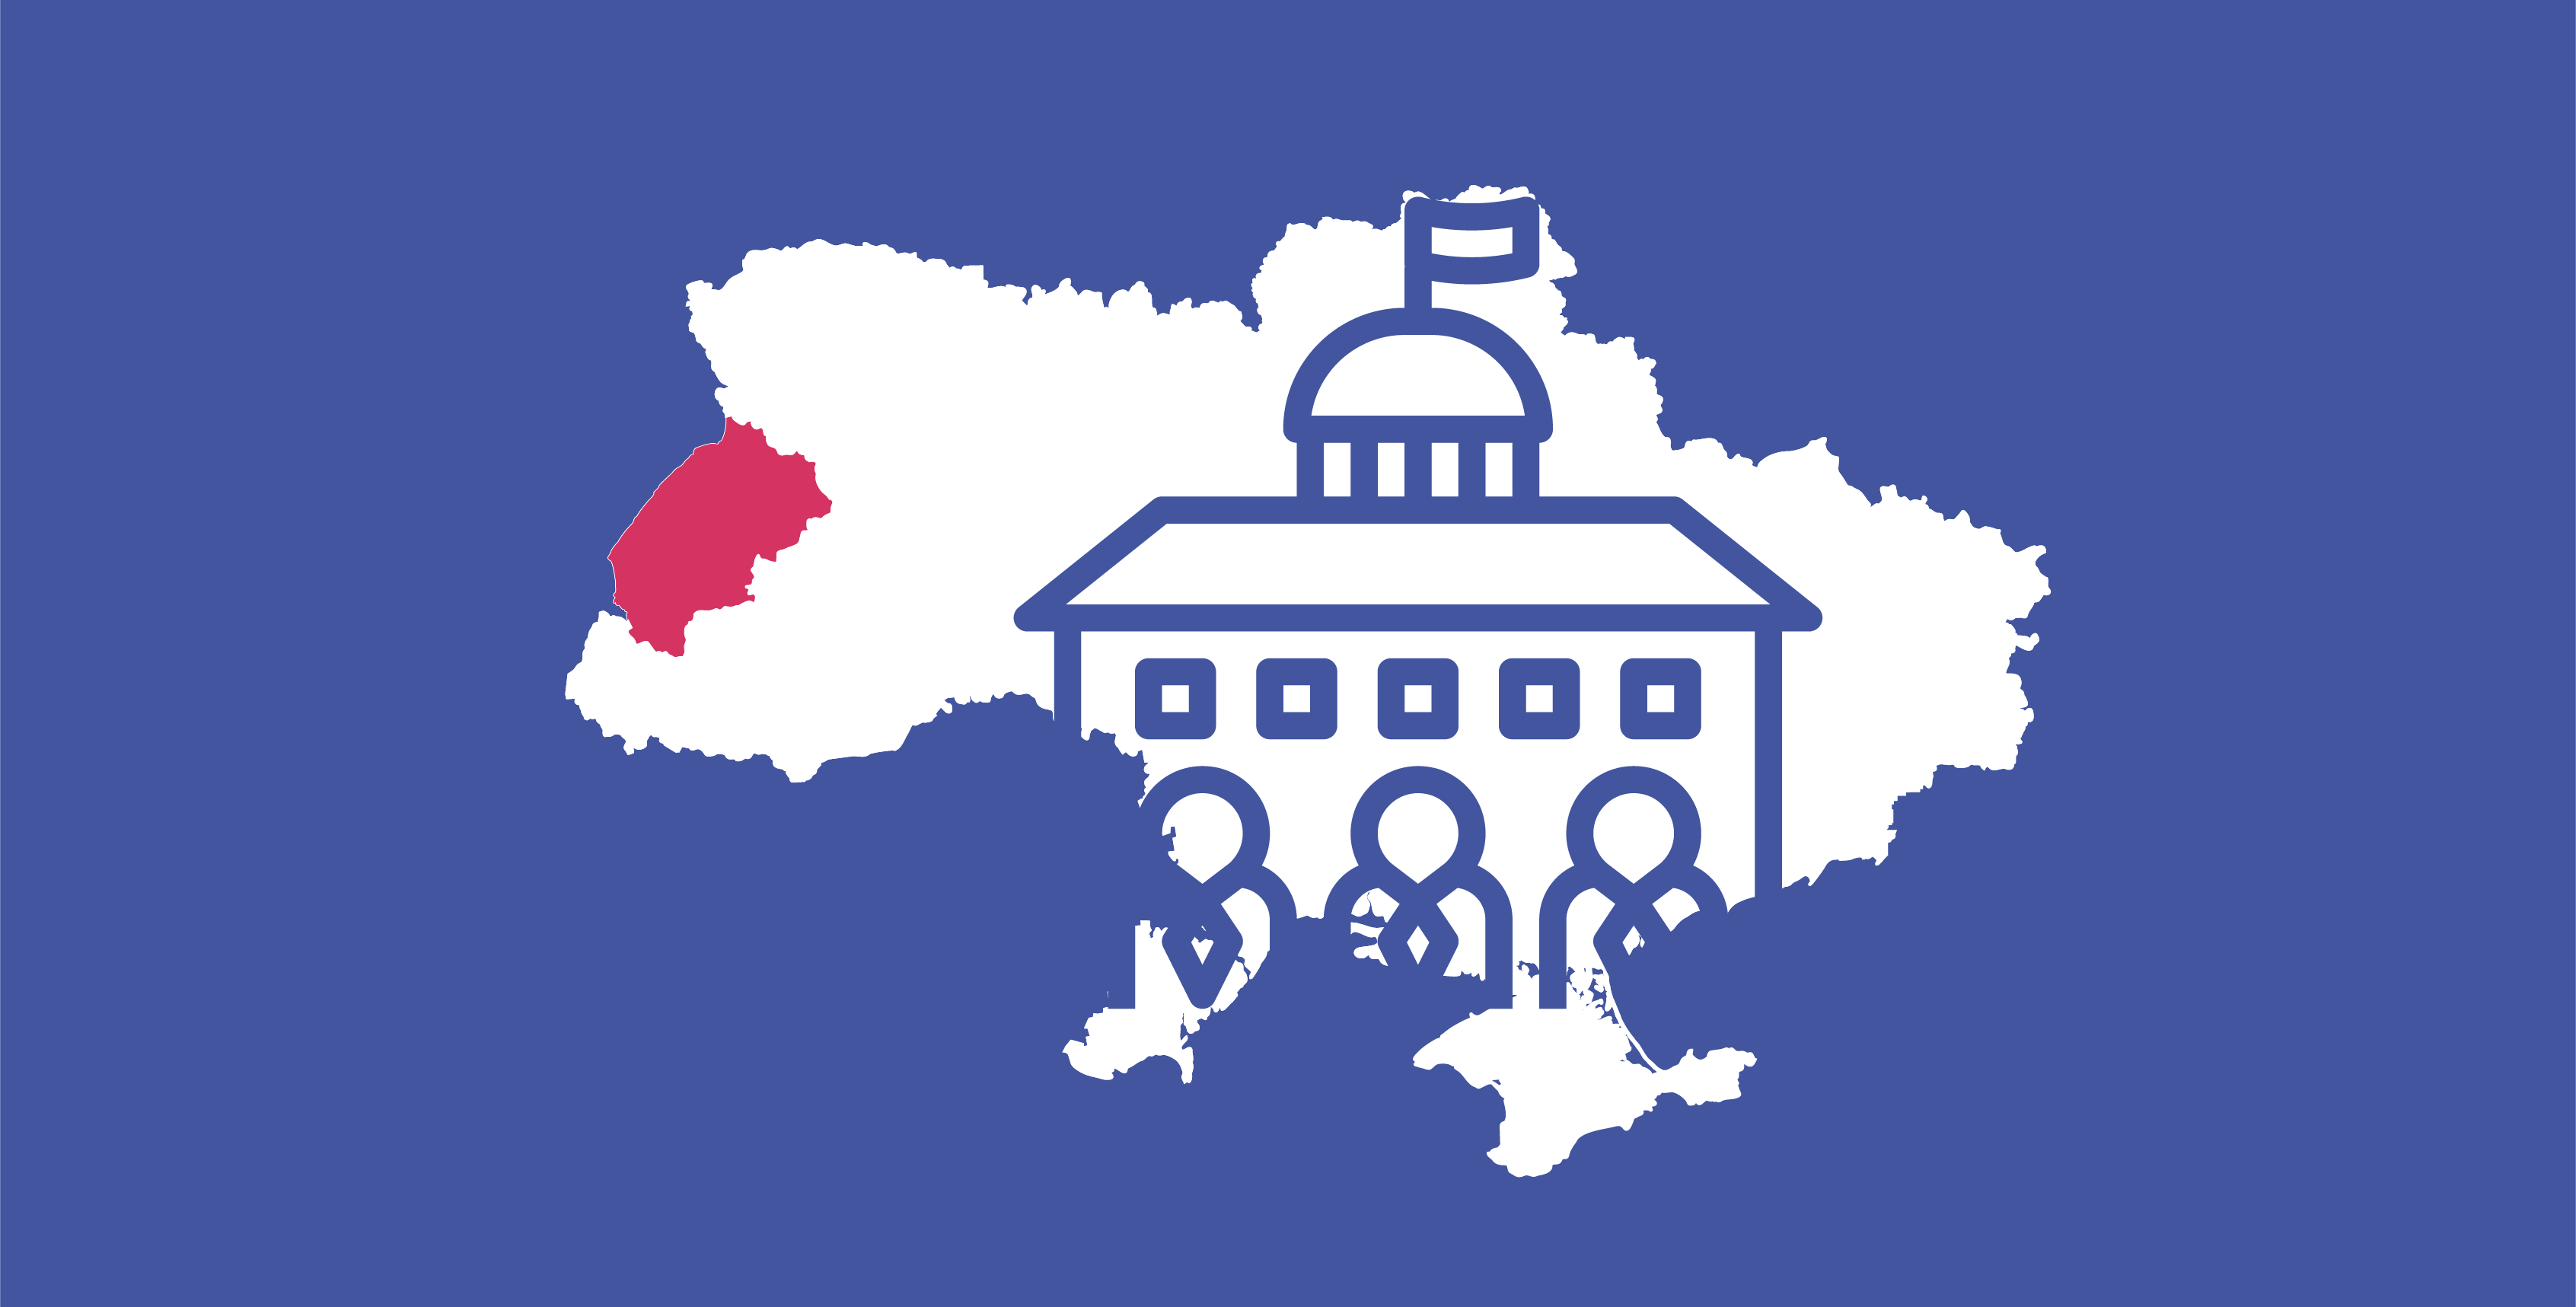 НАШІ ГРОШІ. ЛЬВІВ » Тендер на розробку цифрової карти Львівщини розіграли  пов'язані компанії зі «шлейфом» земельних махінацій